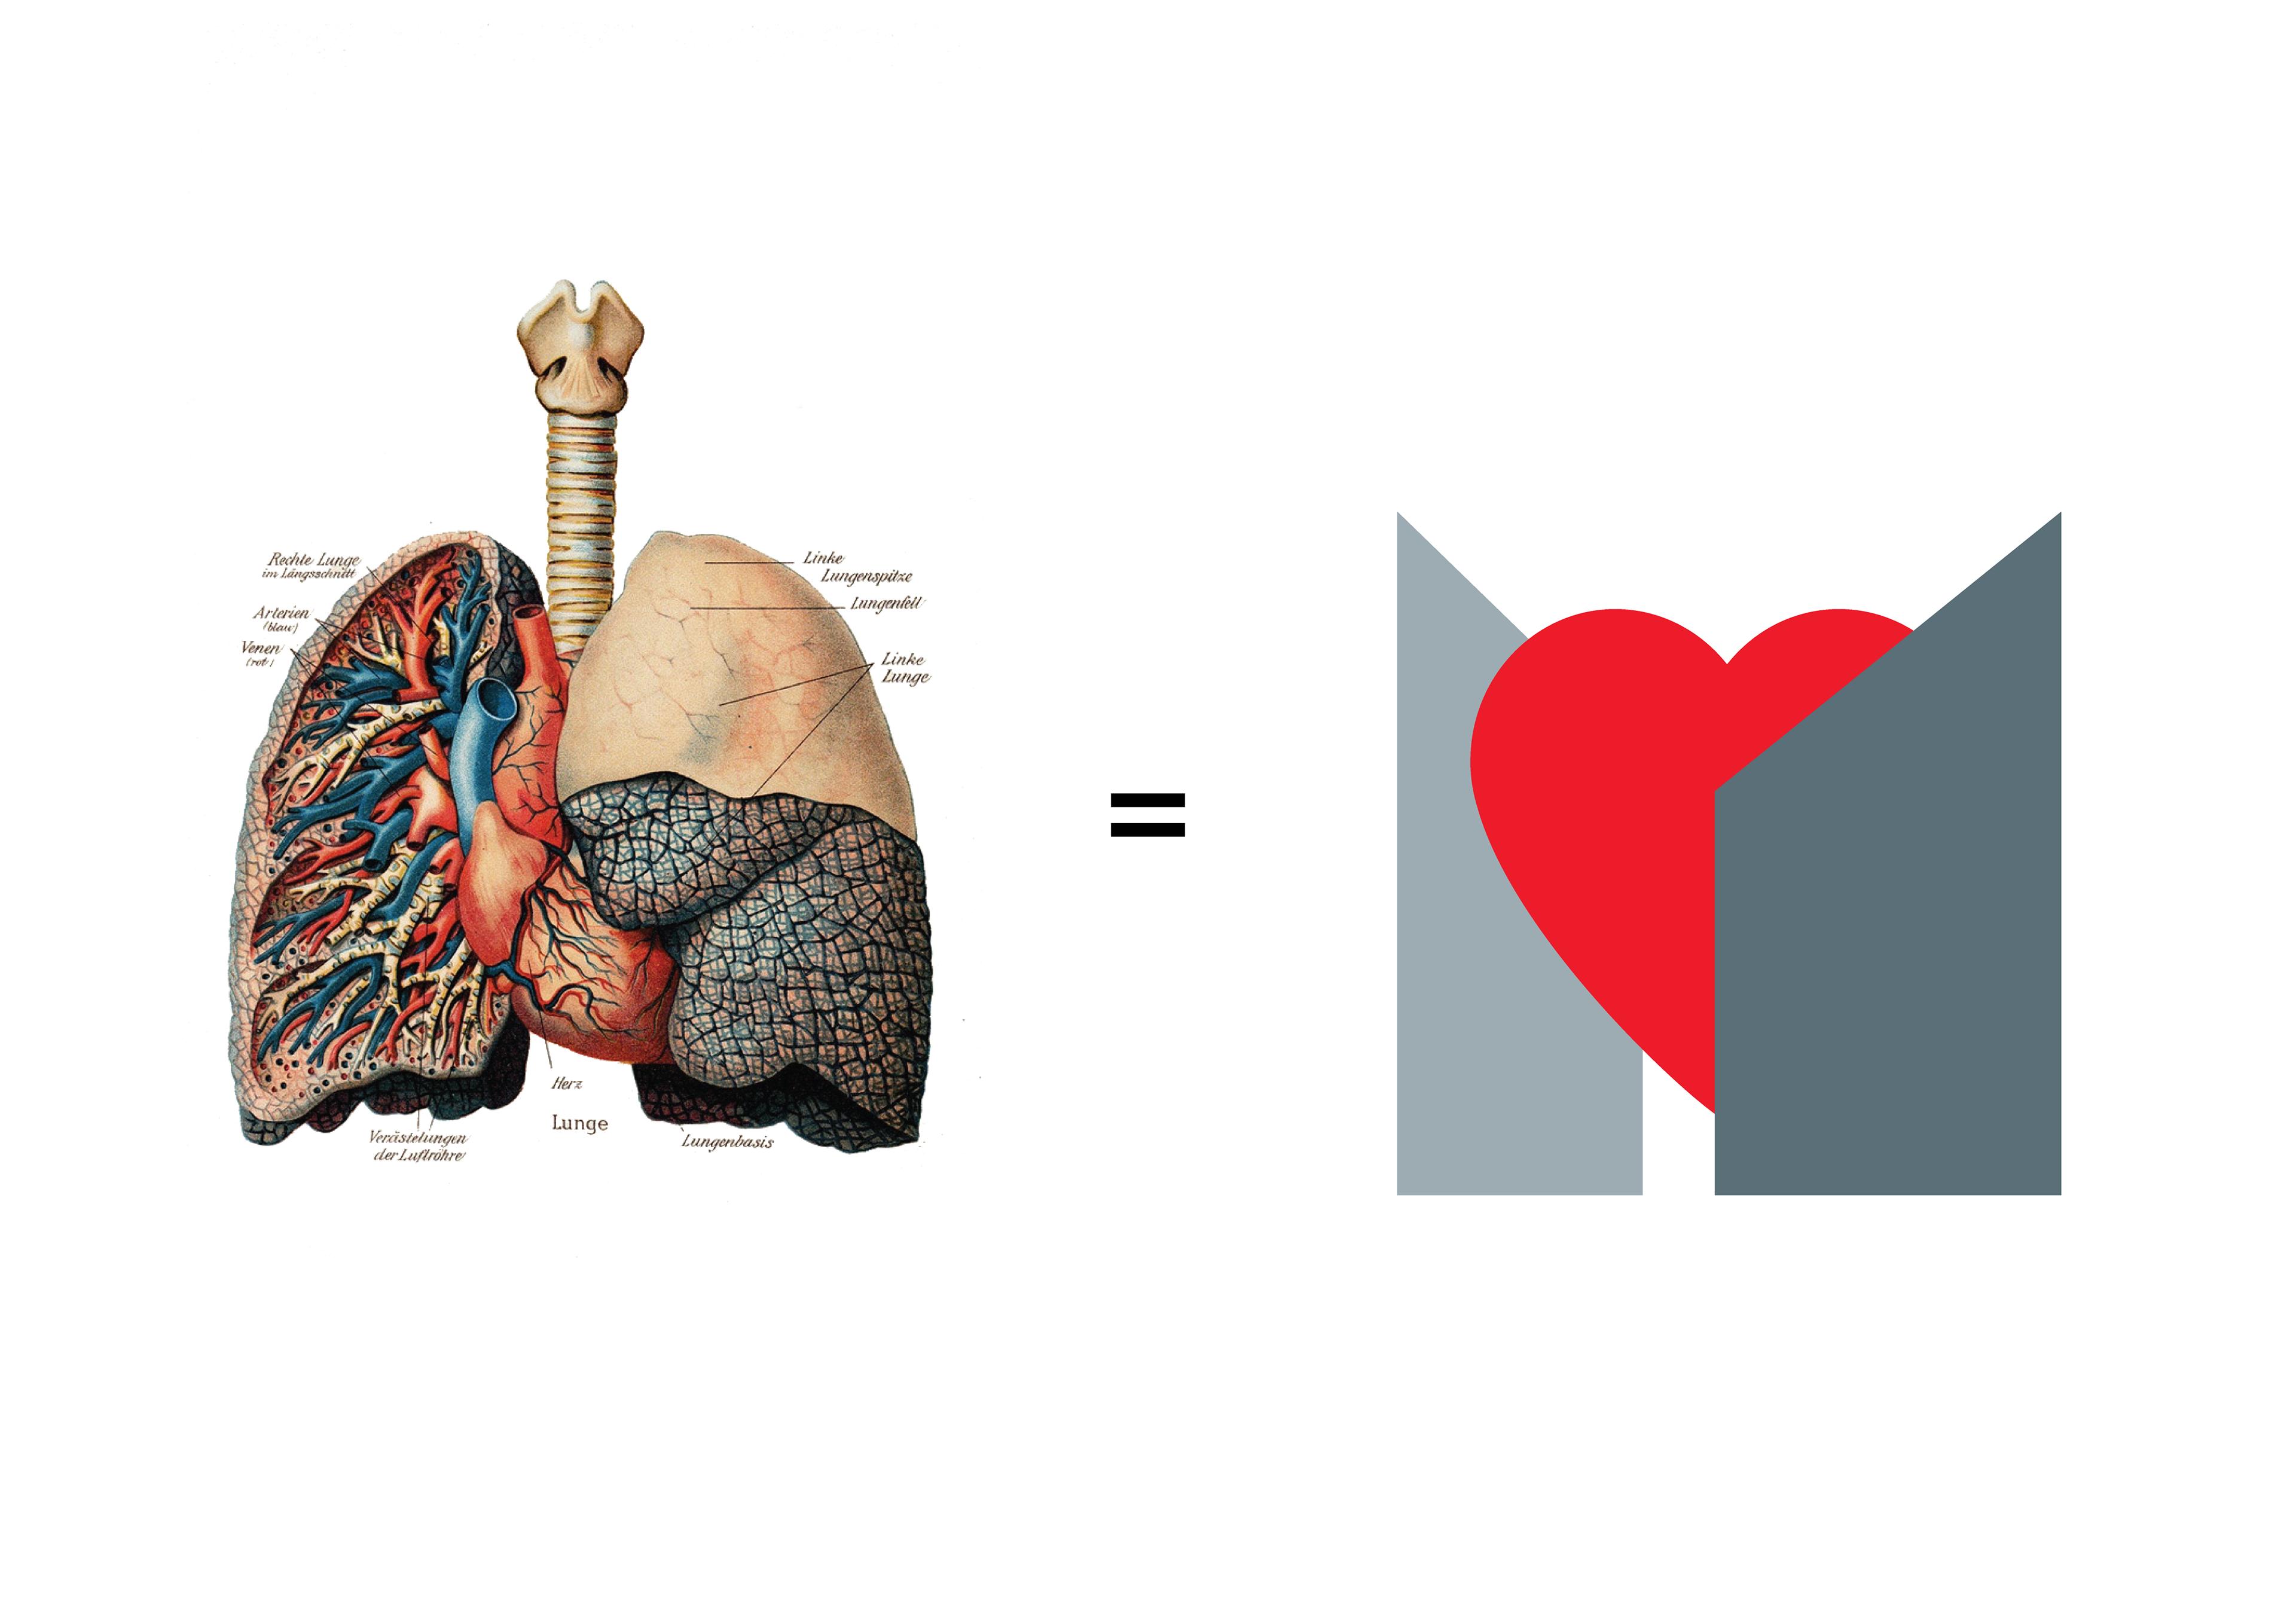 Ziemlich Rechte Lunge Anatomie Zeitgenössisch - Menschliche Anatomie ...